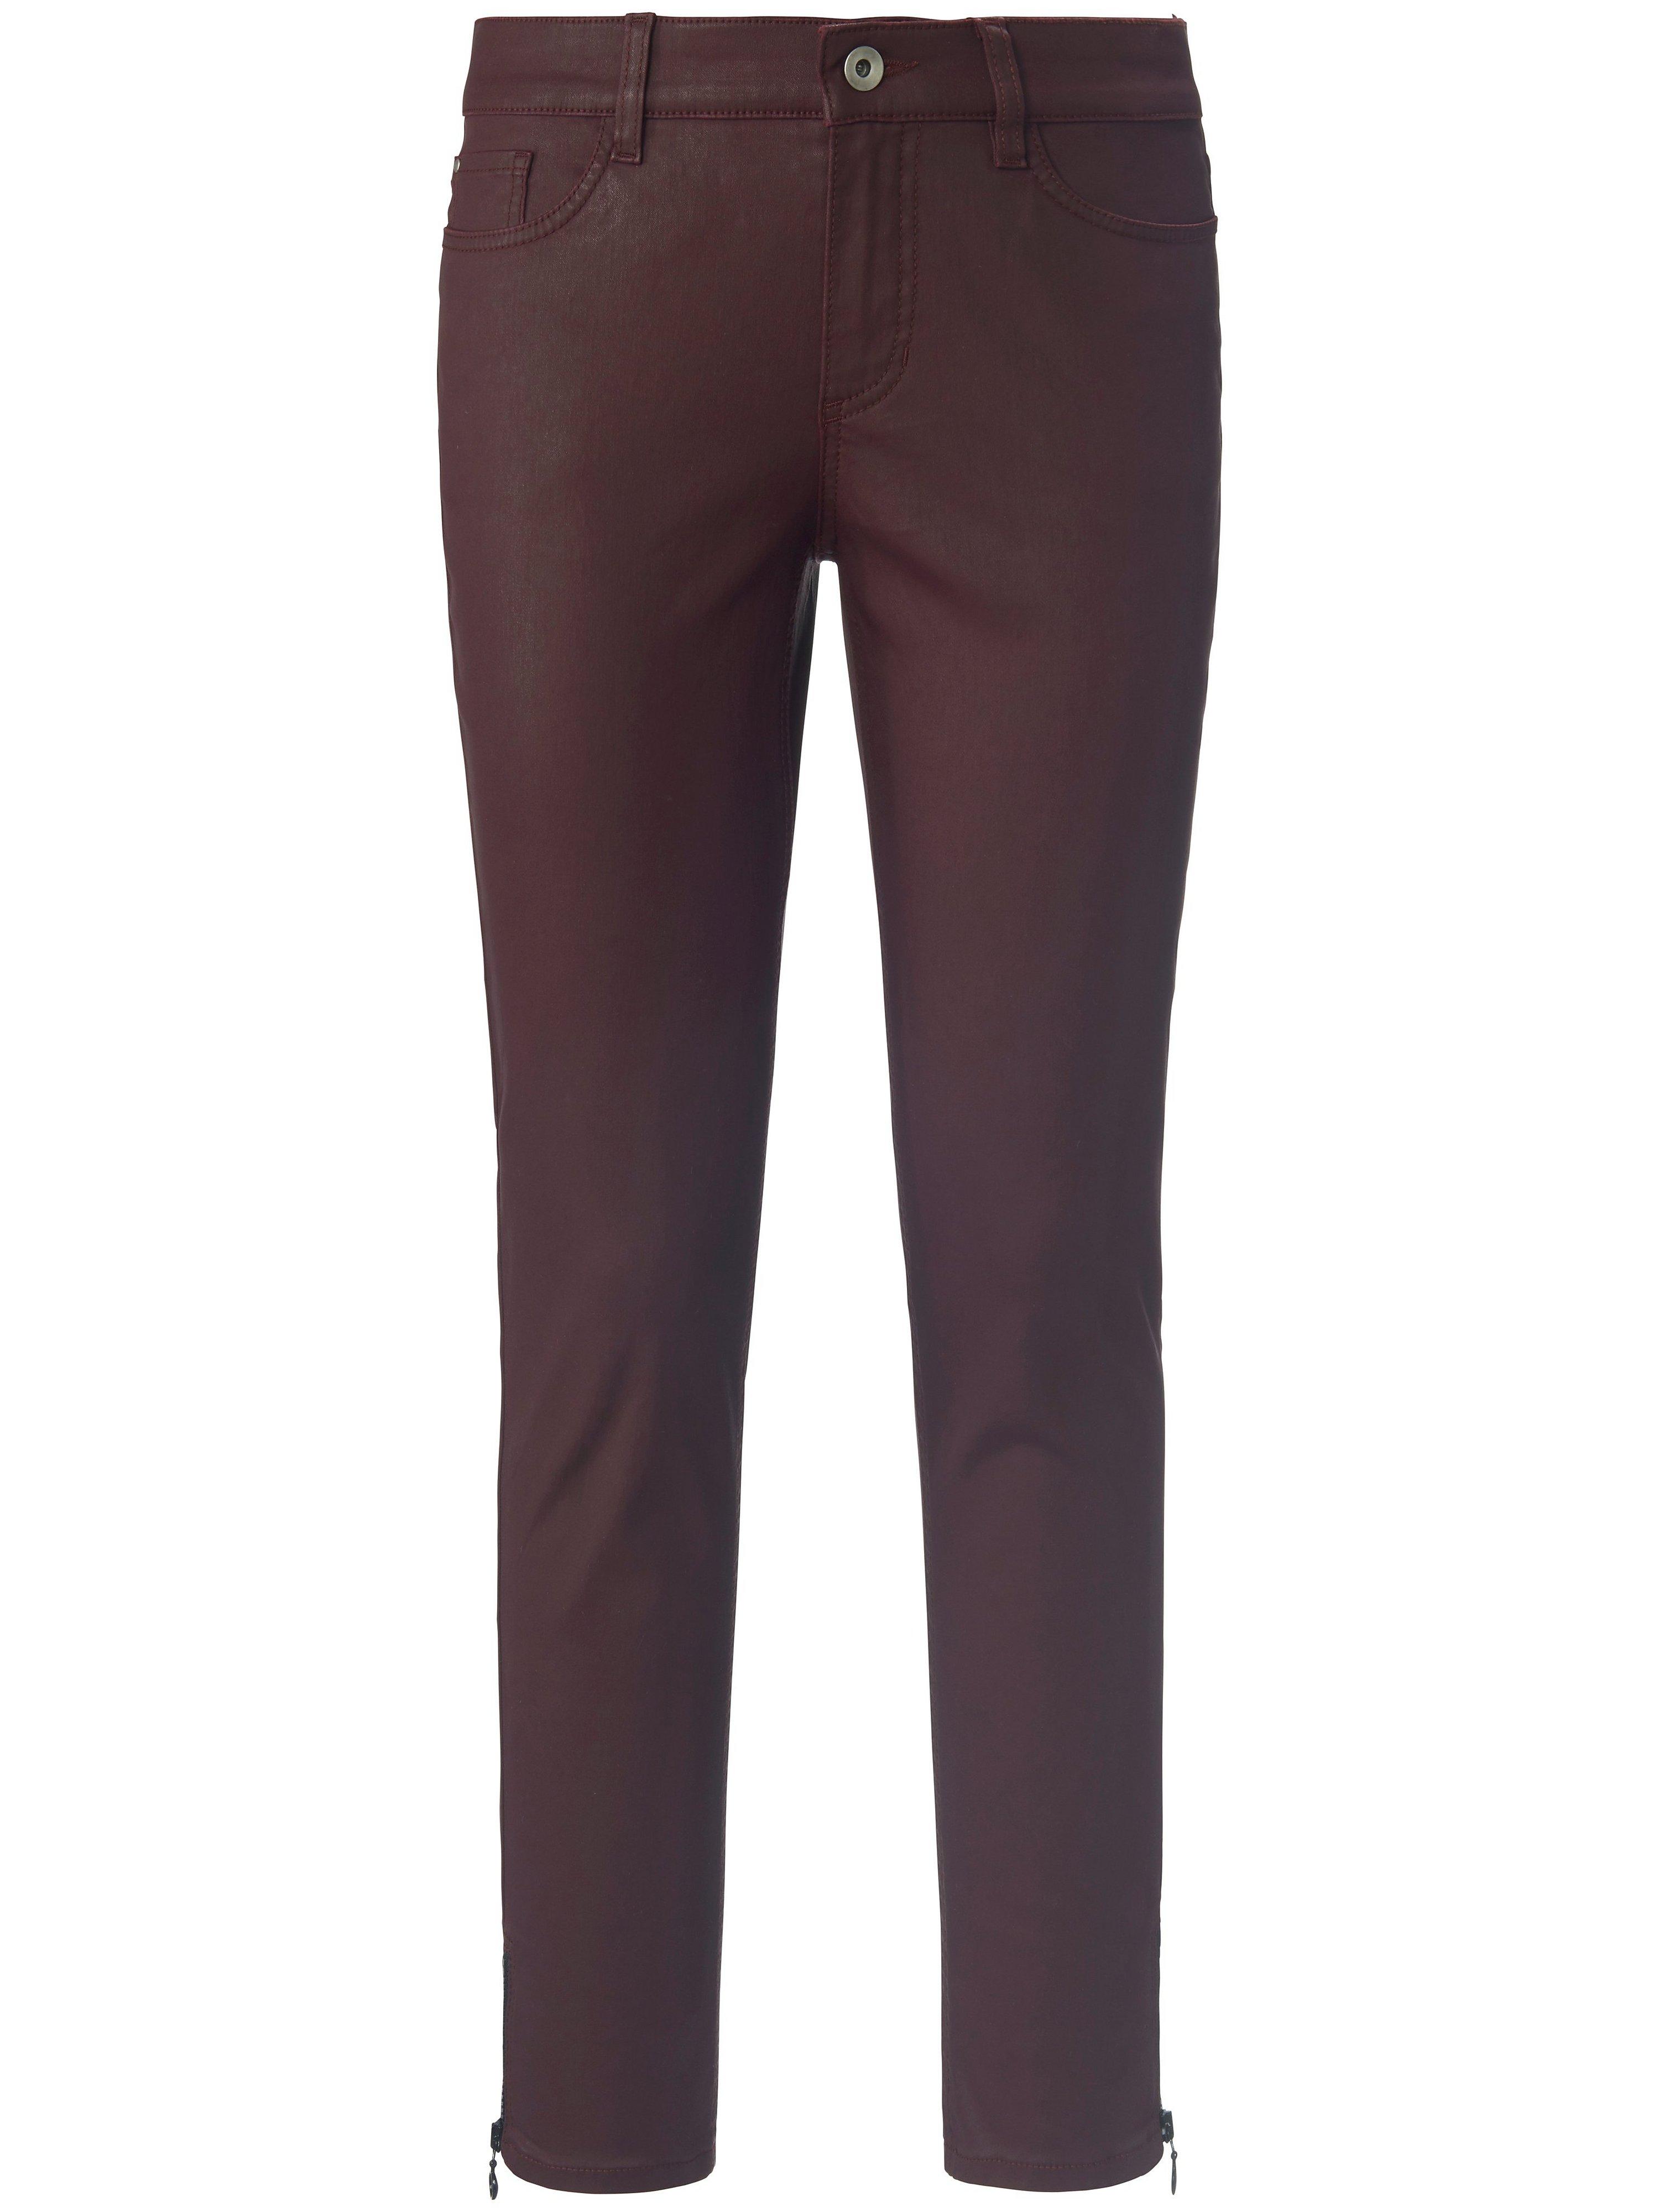 Enkellange broek pasvorm Sylvia Van Peter Hahn rood